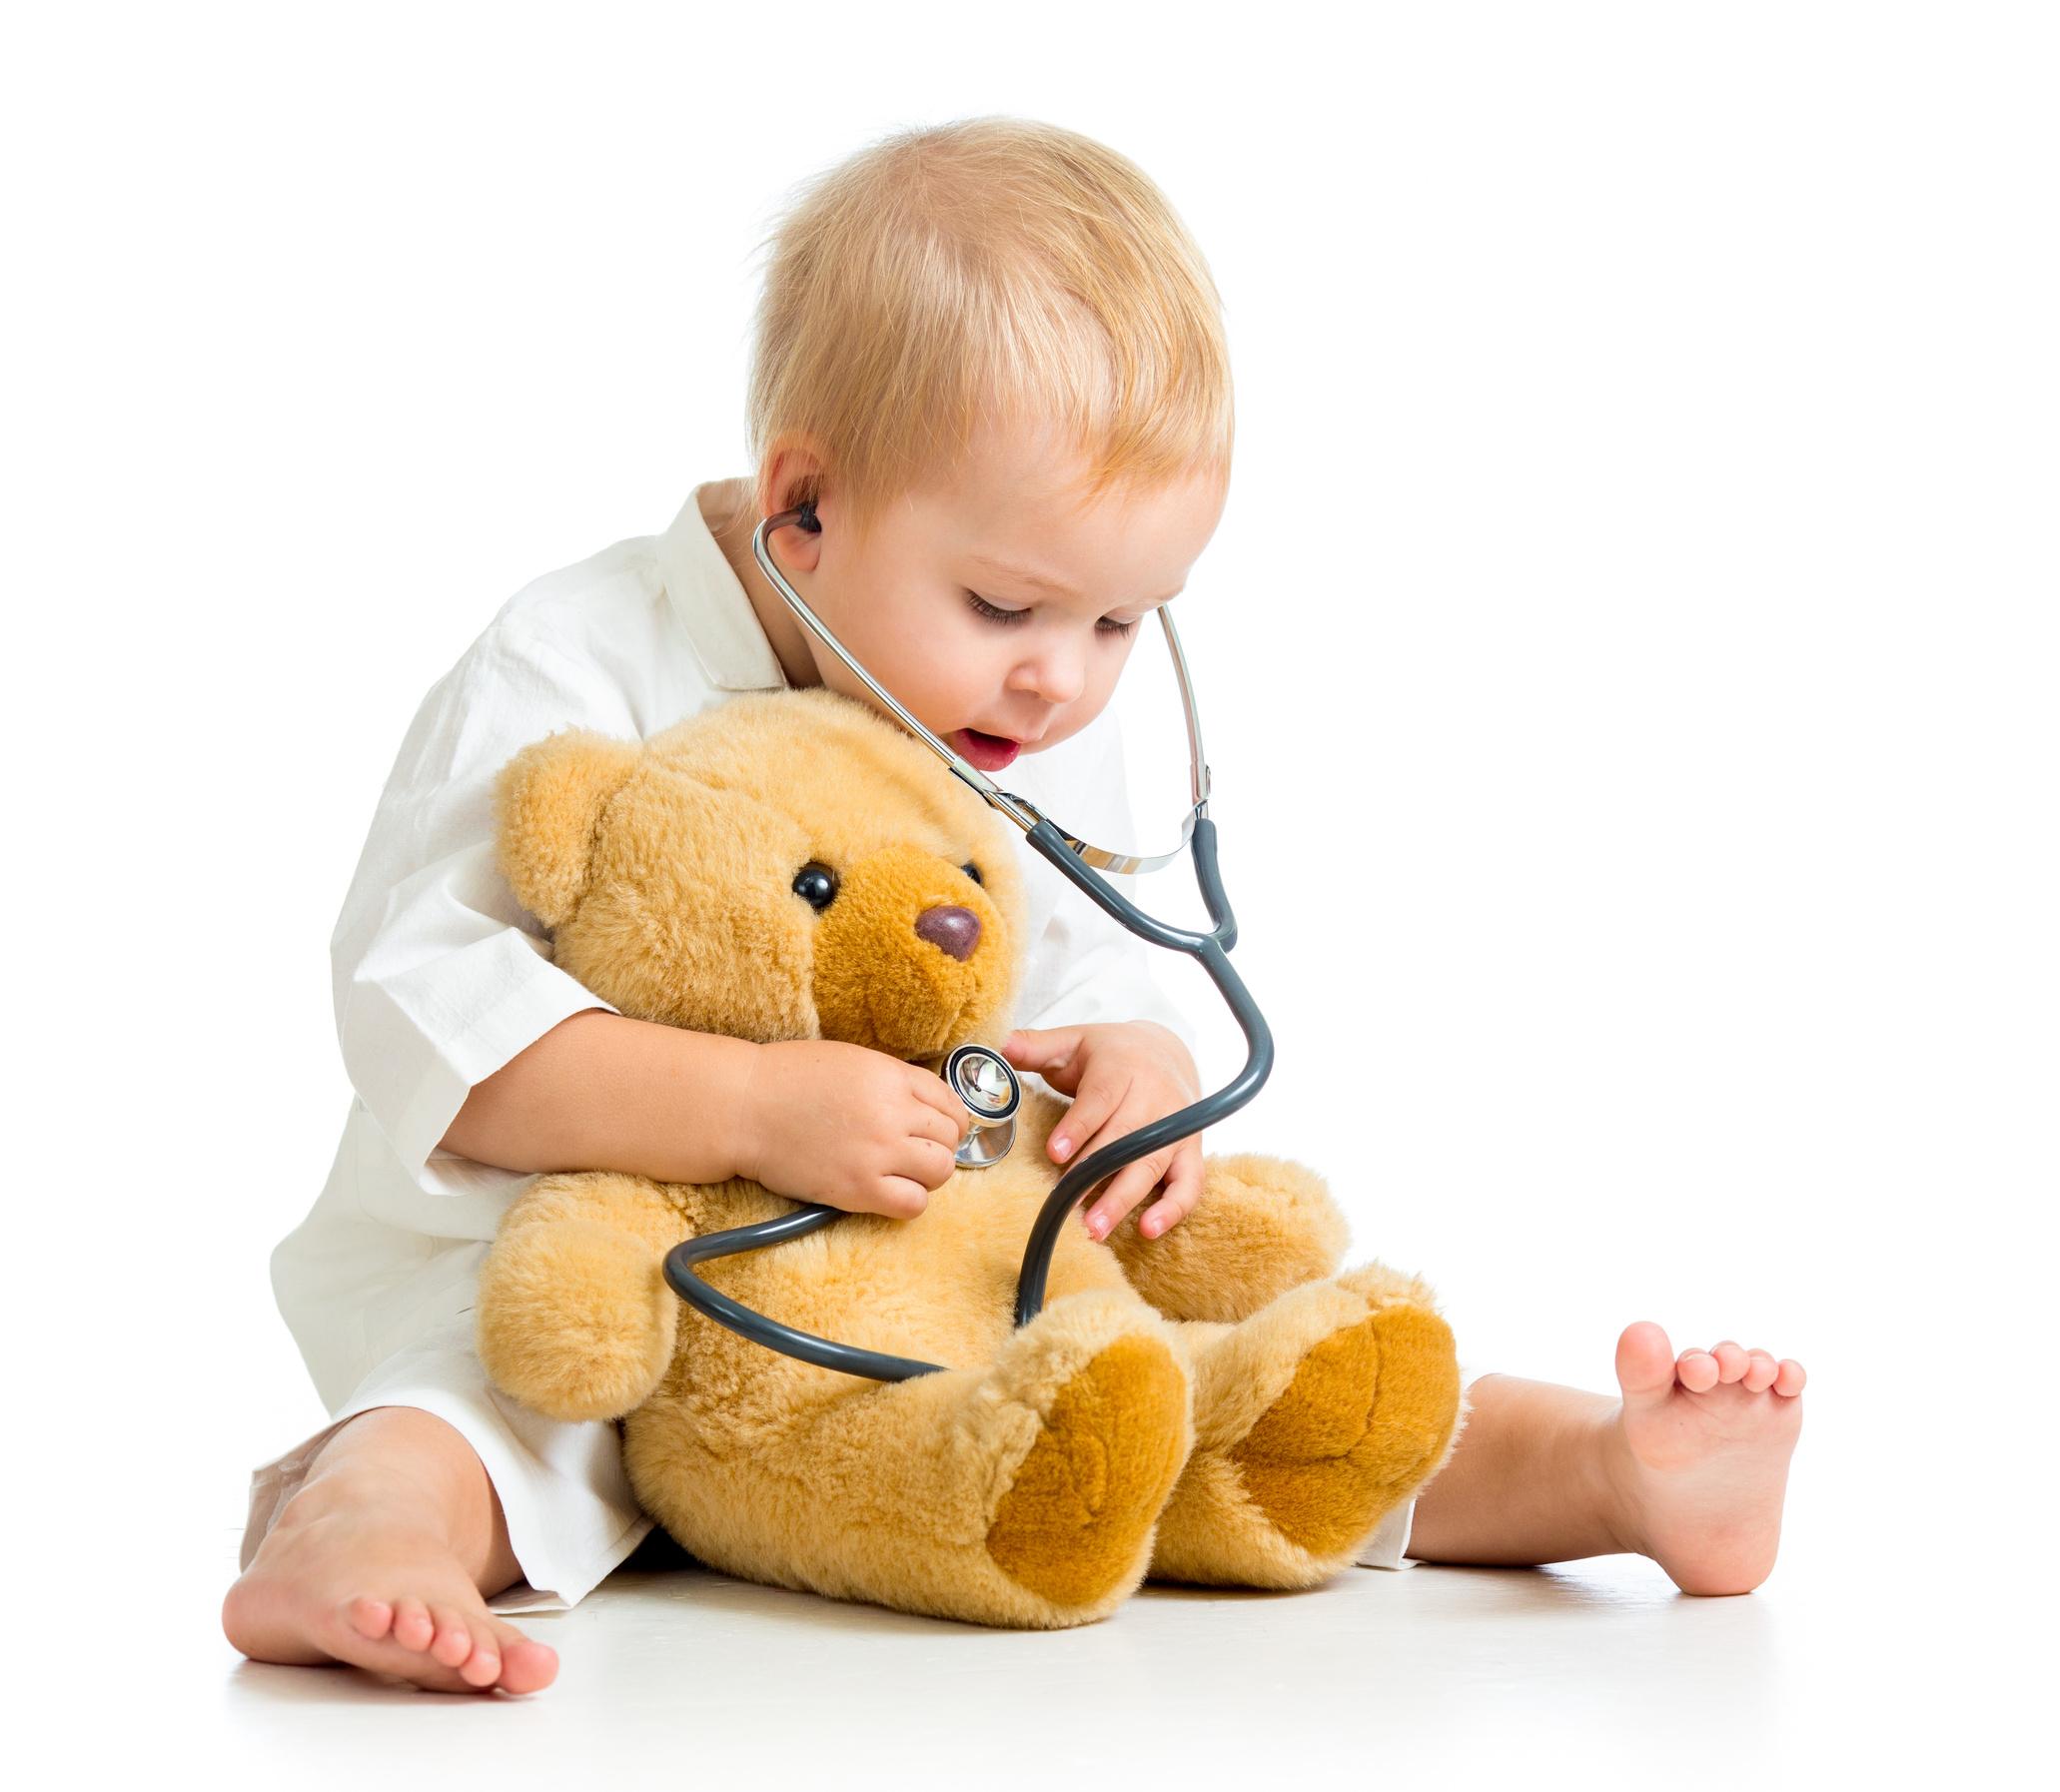 Manovre di disostruzione e nozioni primo soccorso pediatrico